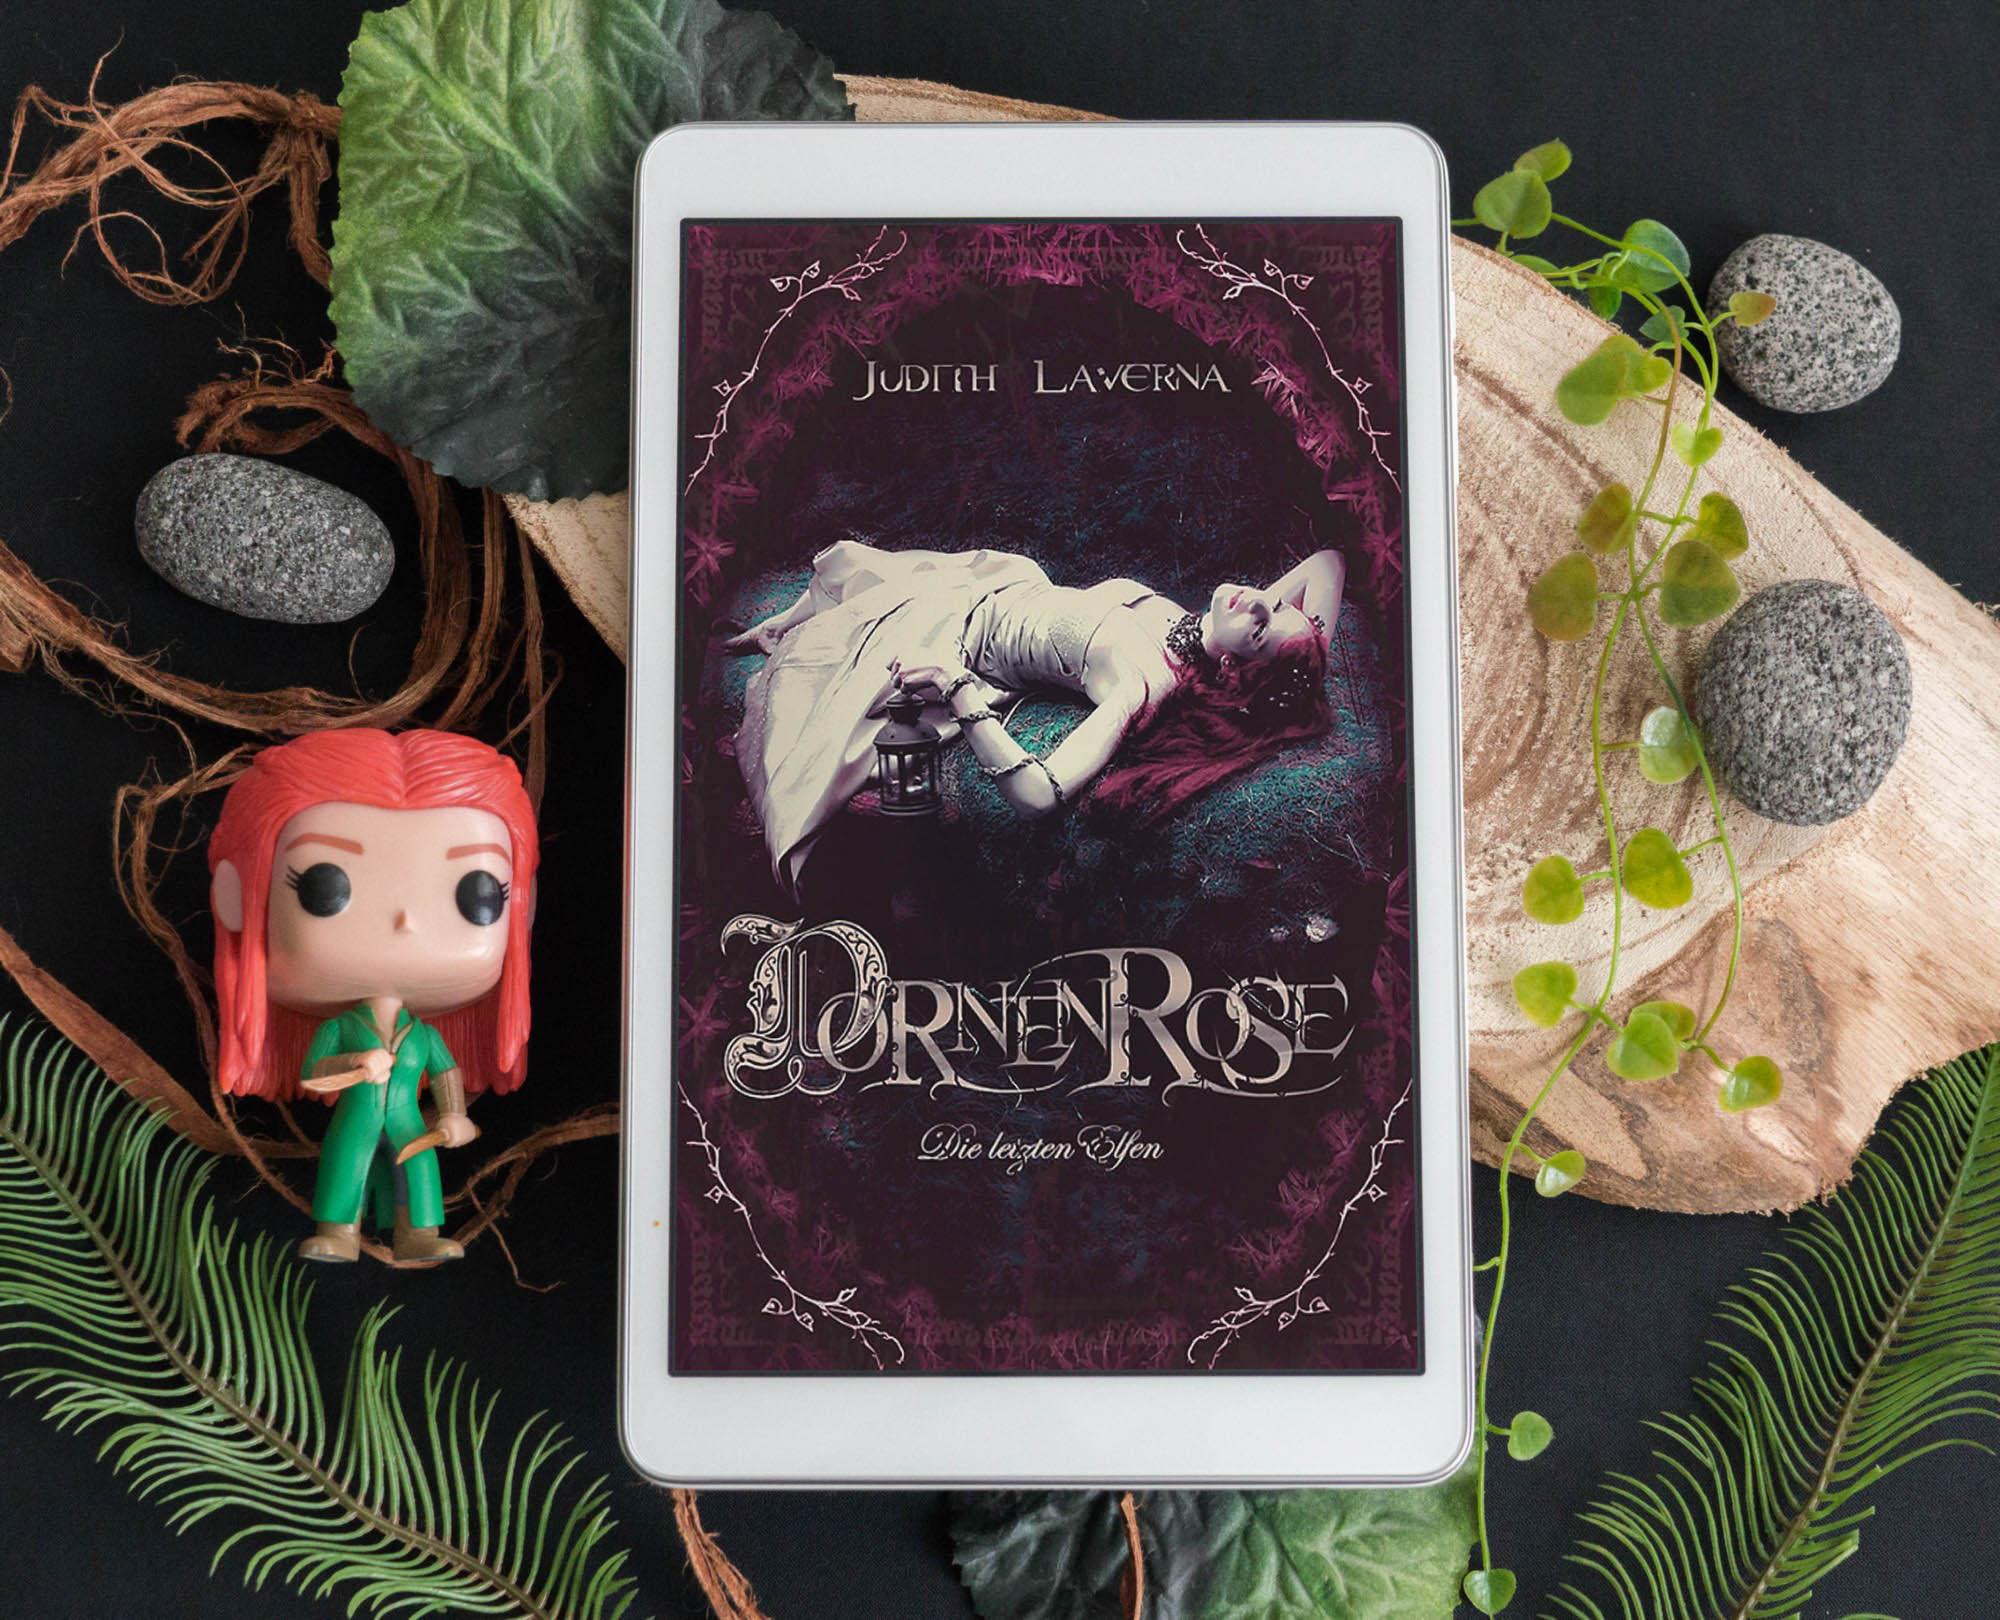 Dornenrose (Die letzten Elfen 1) – Judith Laverna graphic